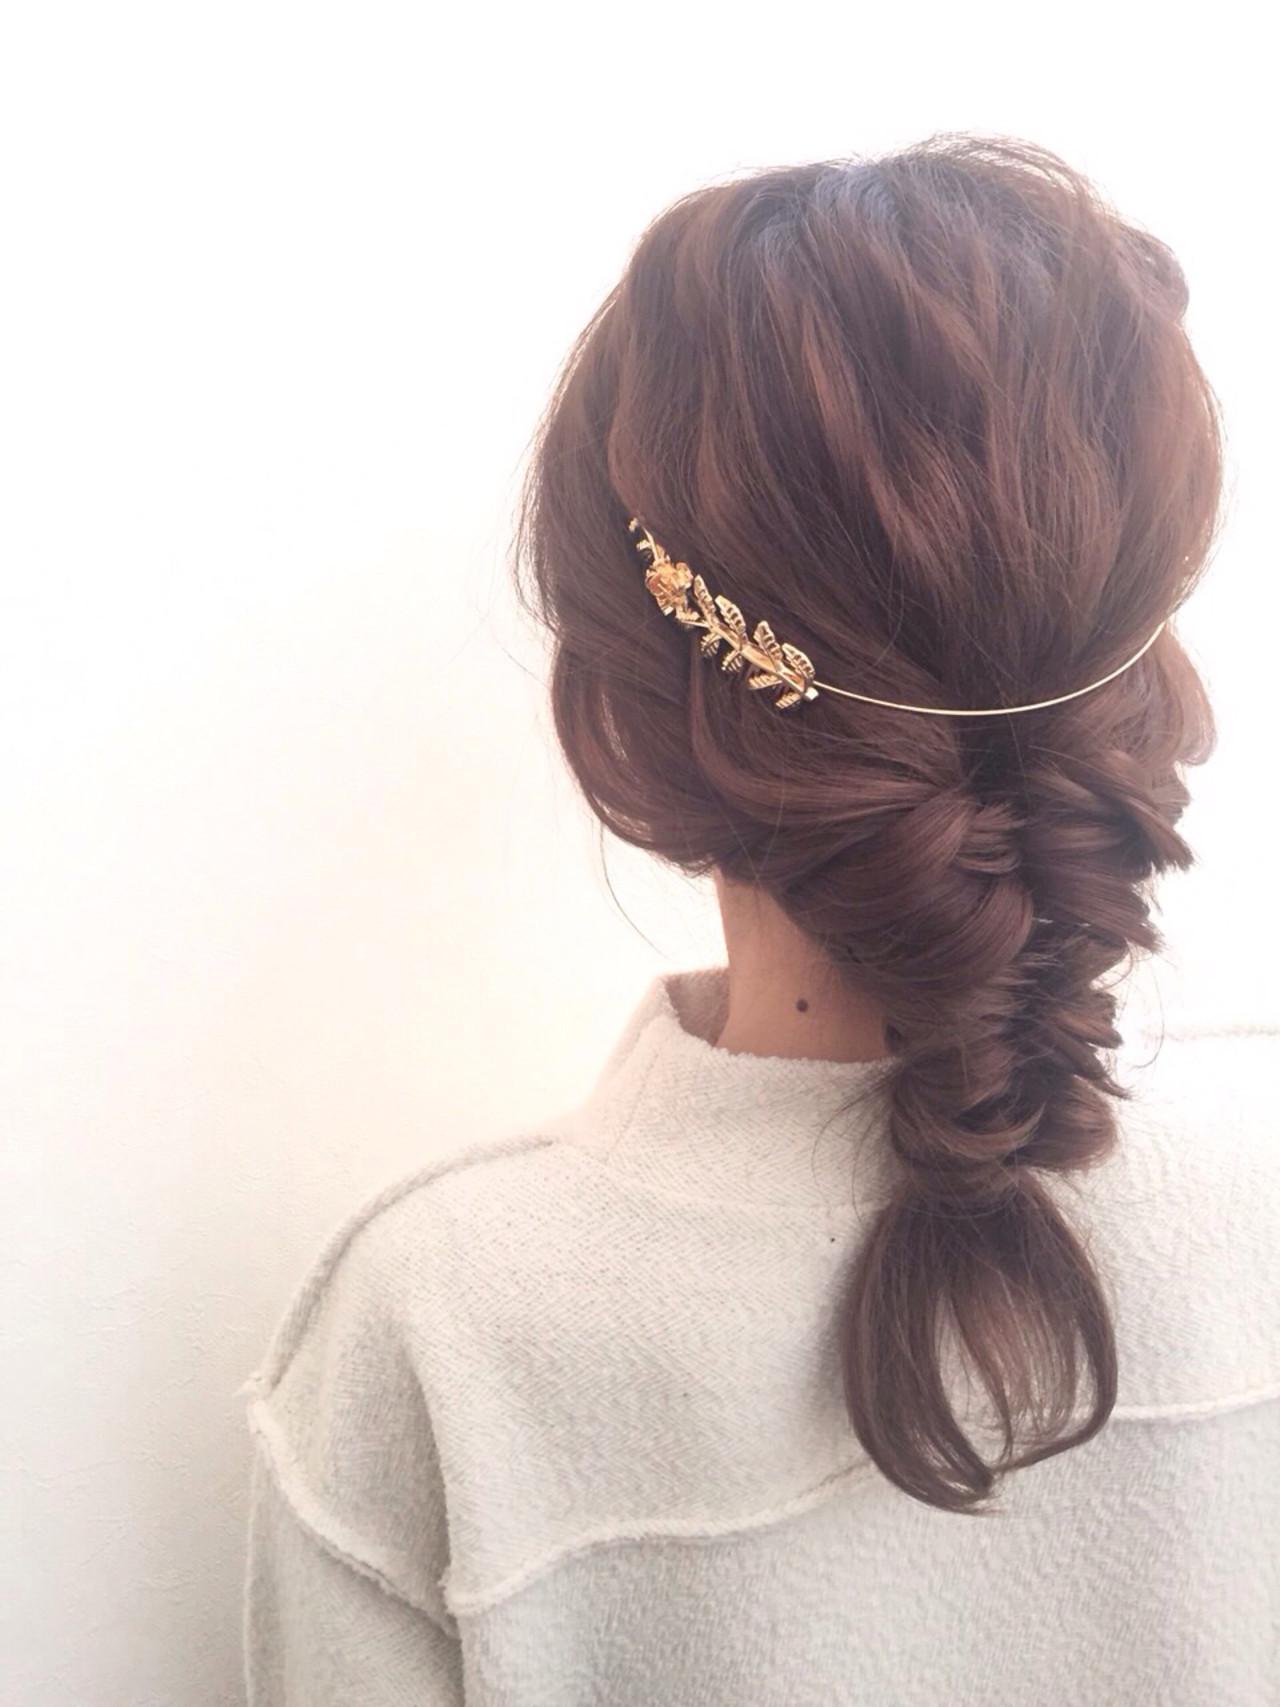 簡単フィッシュボーンにさりげなくつける♪ ryota kuwamura  函館/CALIF hair store